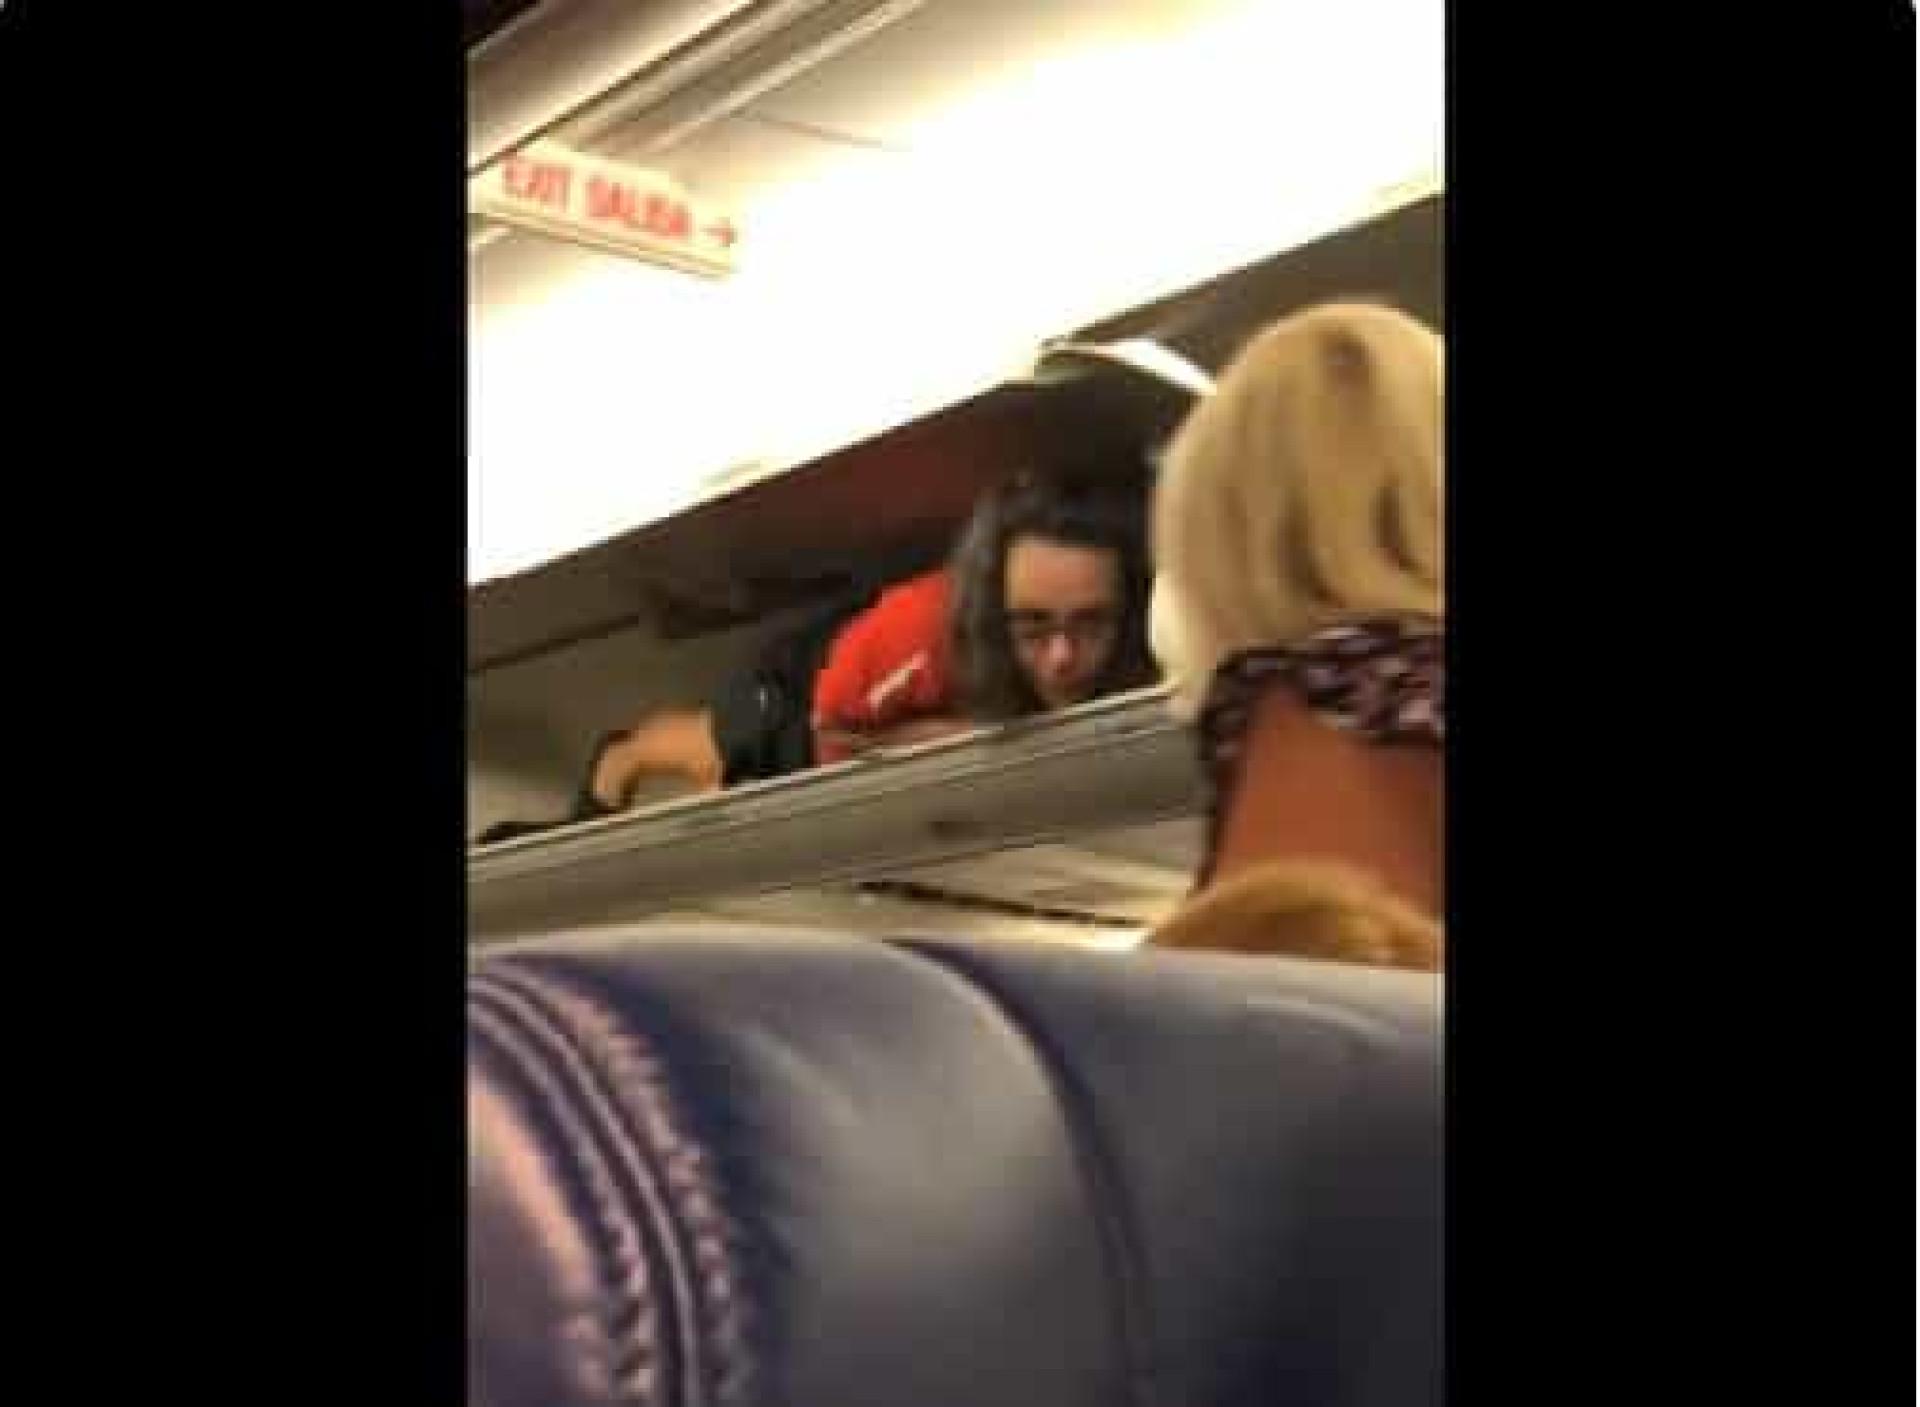 Assistente de bordo escondida em cabine de bagagens? Sim, aconteceu